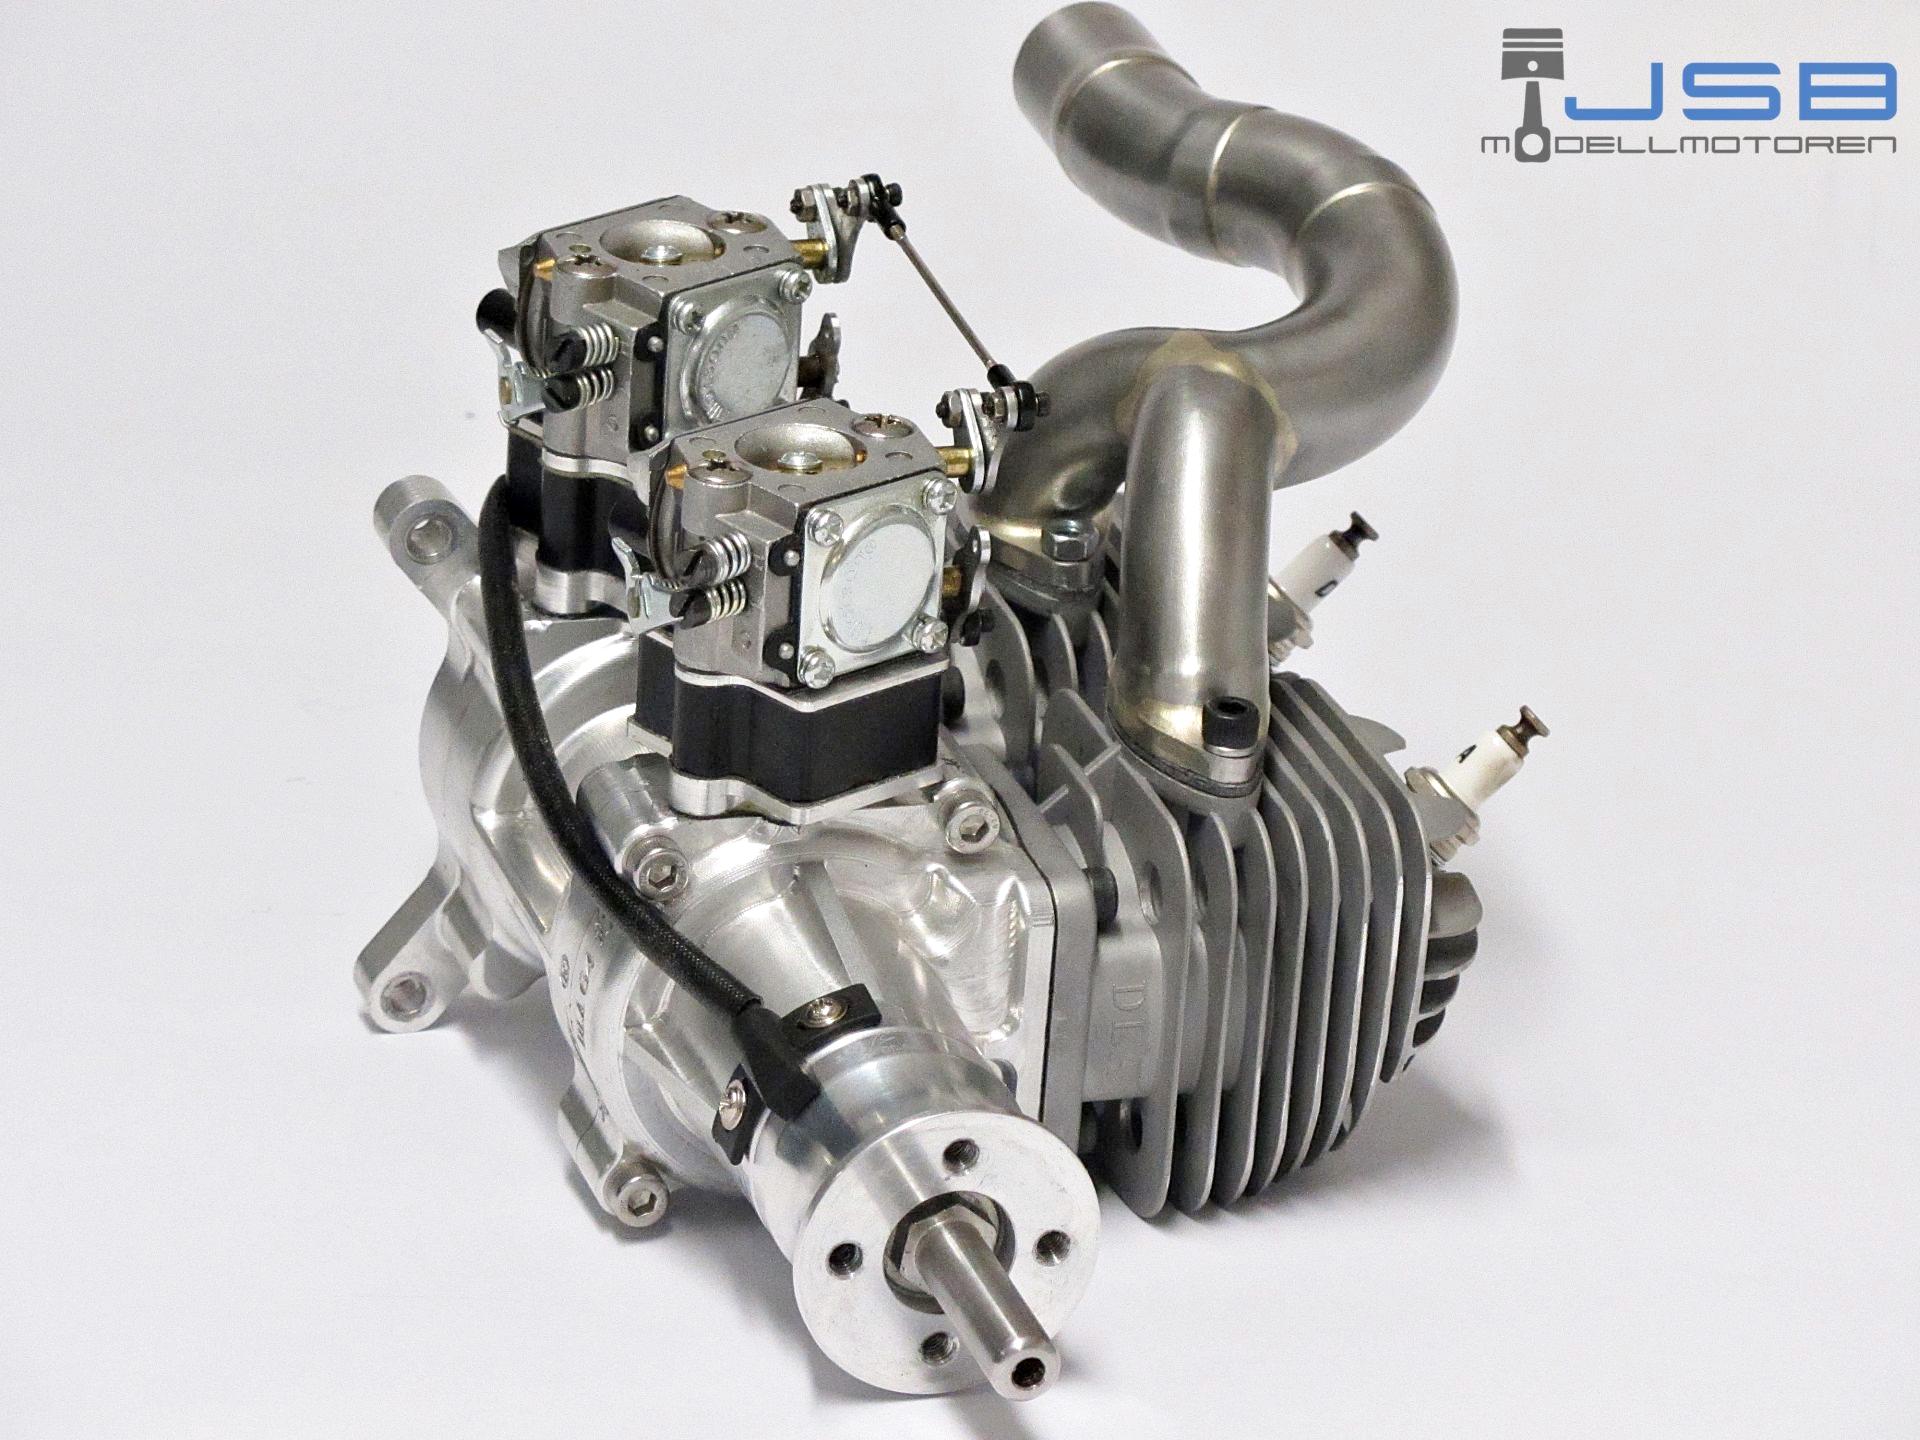 DLA - 64i2 Reihenmotor - JSB - MODELLMOTOREN